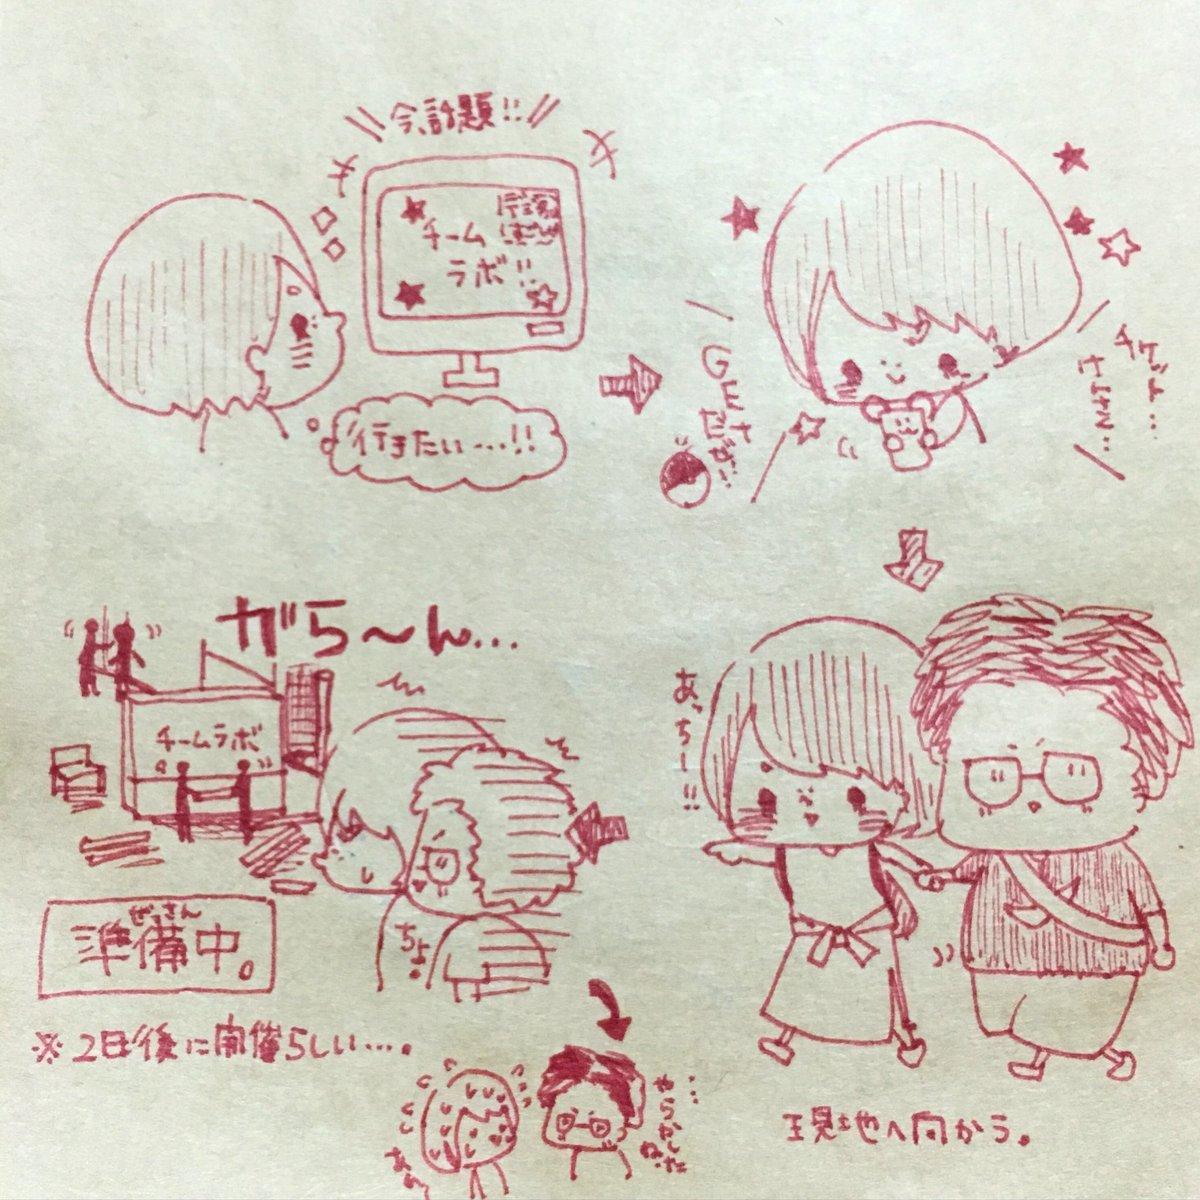 """ひィ仔@安藤(あんちゃん)の本3 on twitter: """"チームラボいきたいな"""